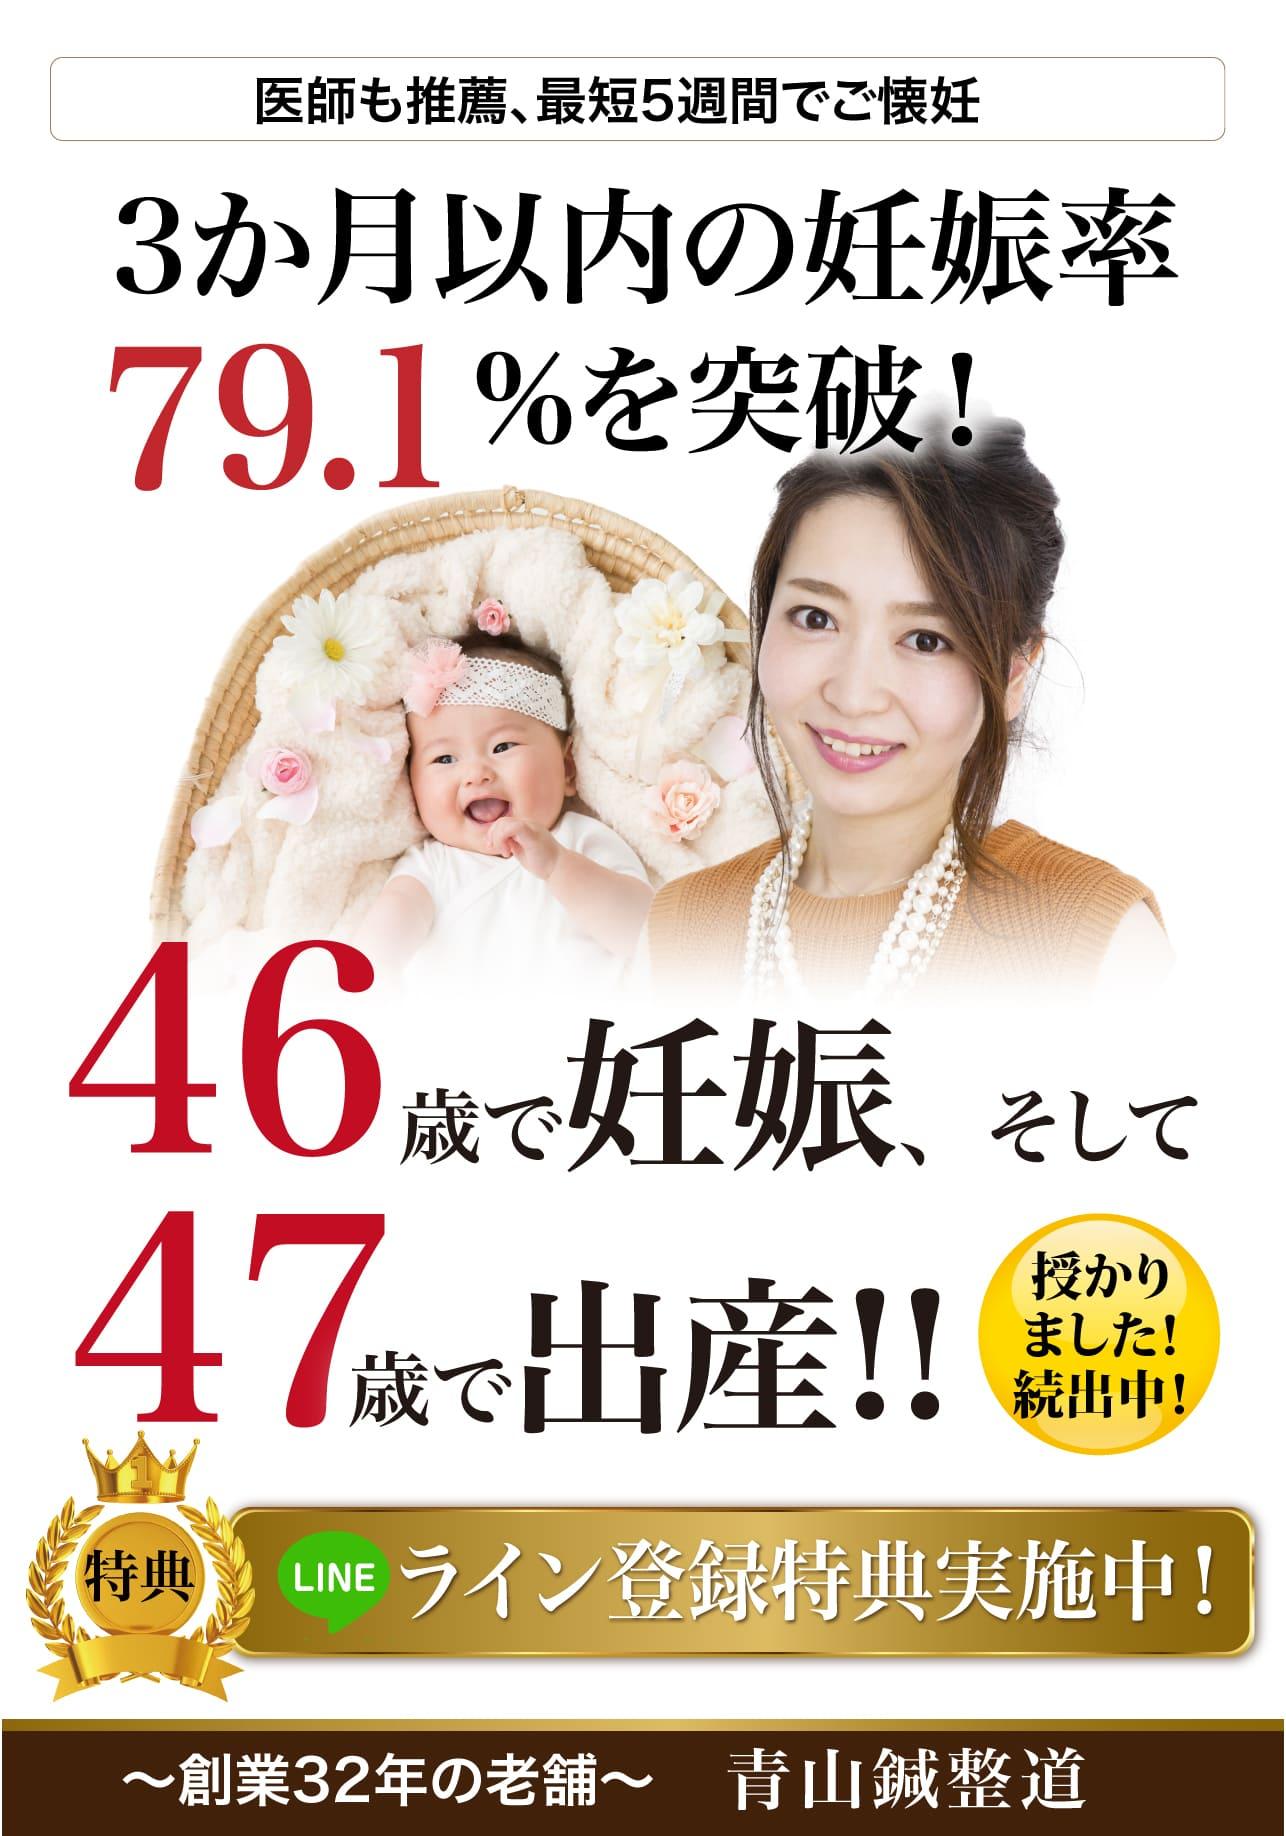 おかげさまで妊娠率79%を突破!不妊鍼灸の青山鍼整道